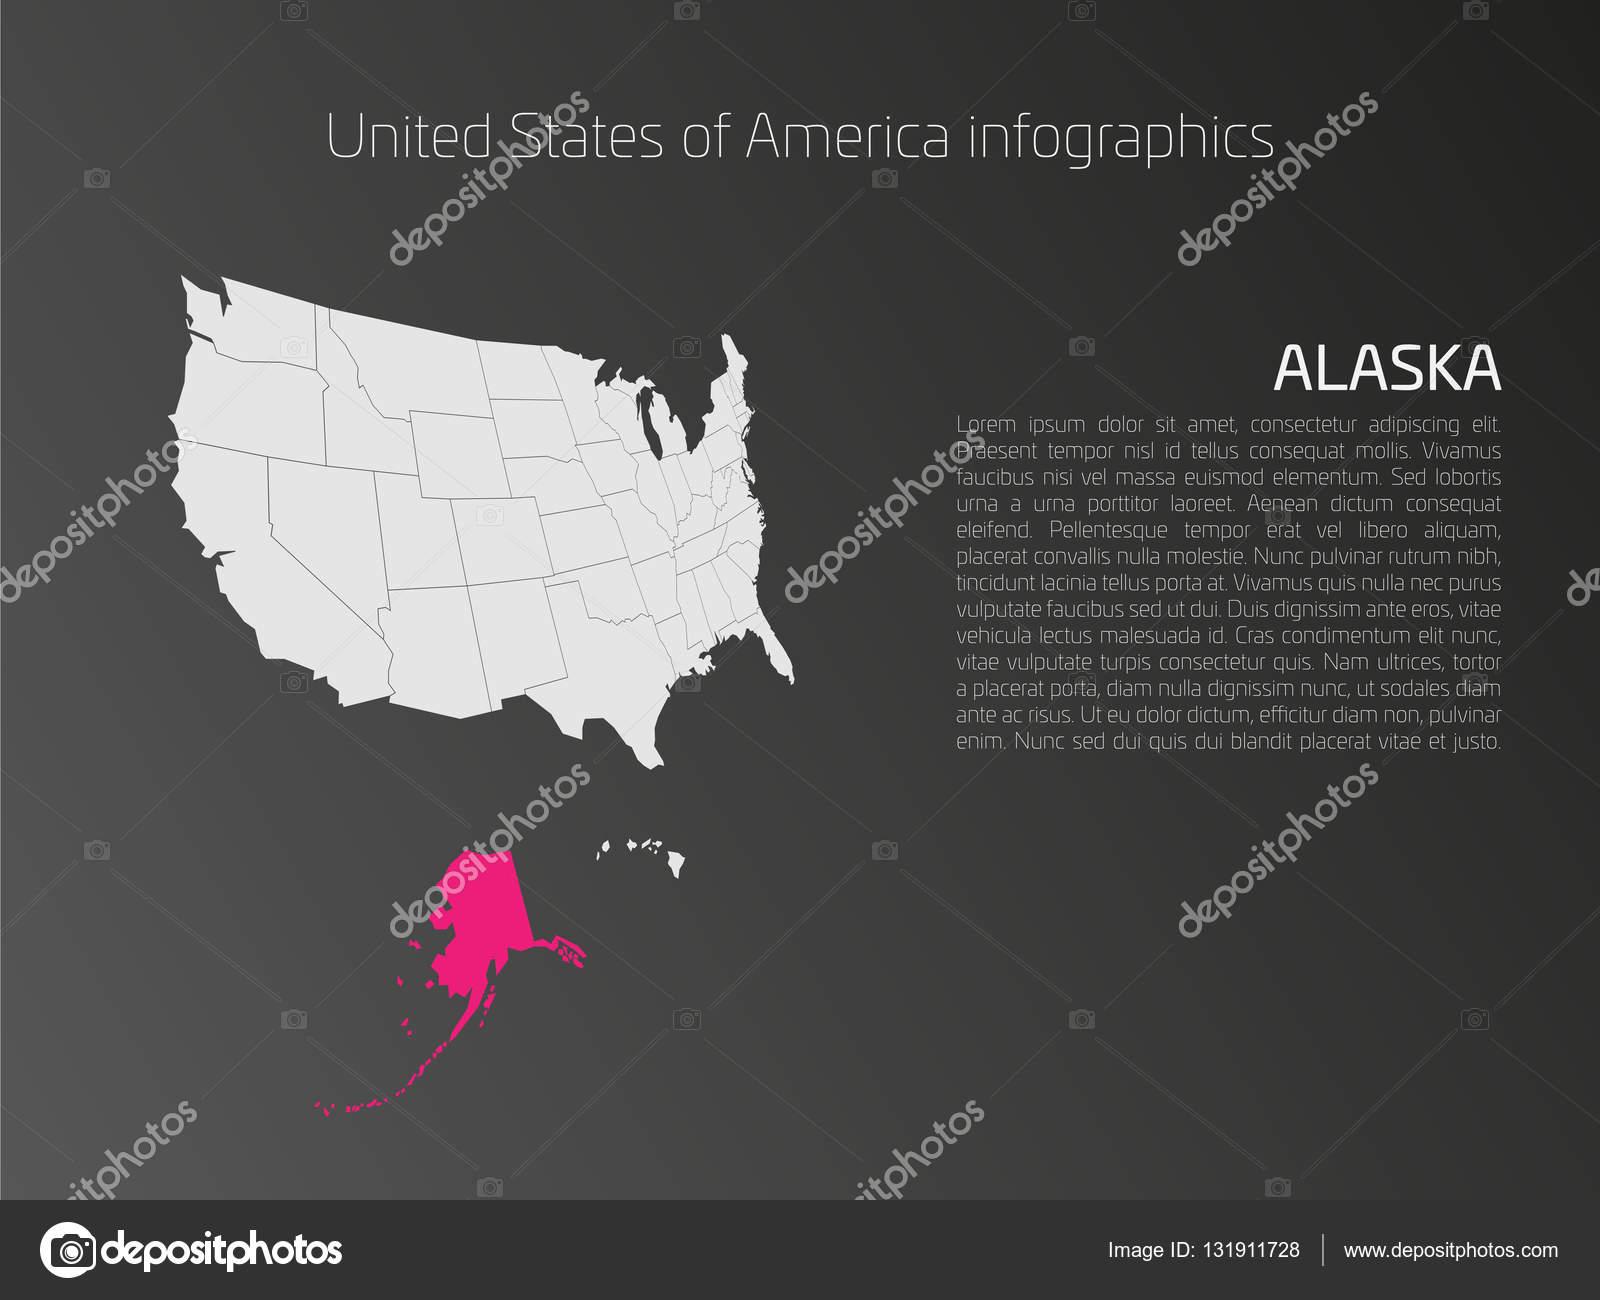 USA Map Infographics Template With Highlighted Alaska Stock - Alaska highlighted on us map